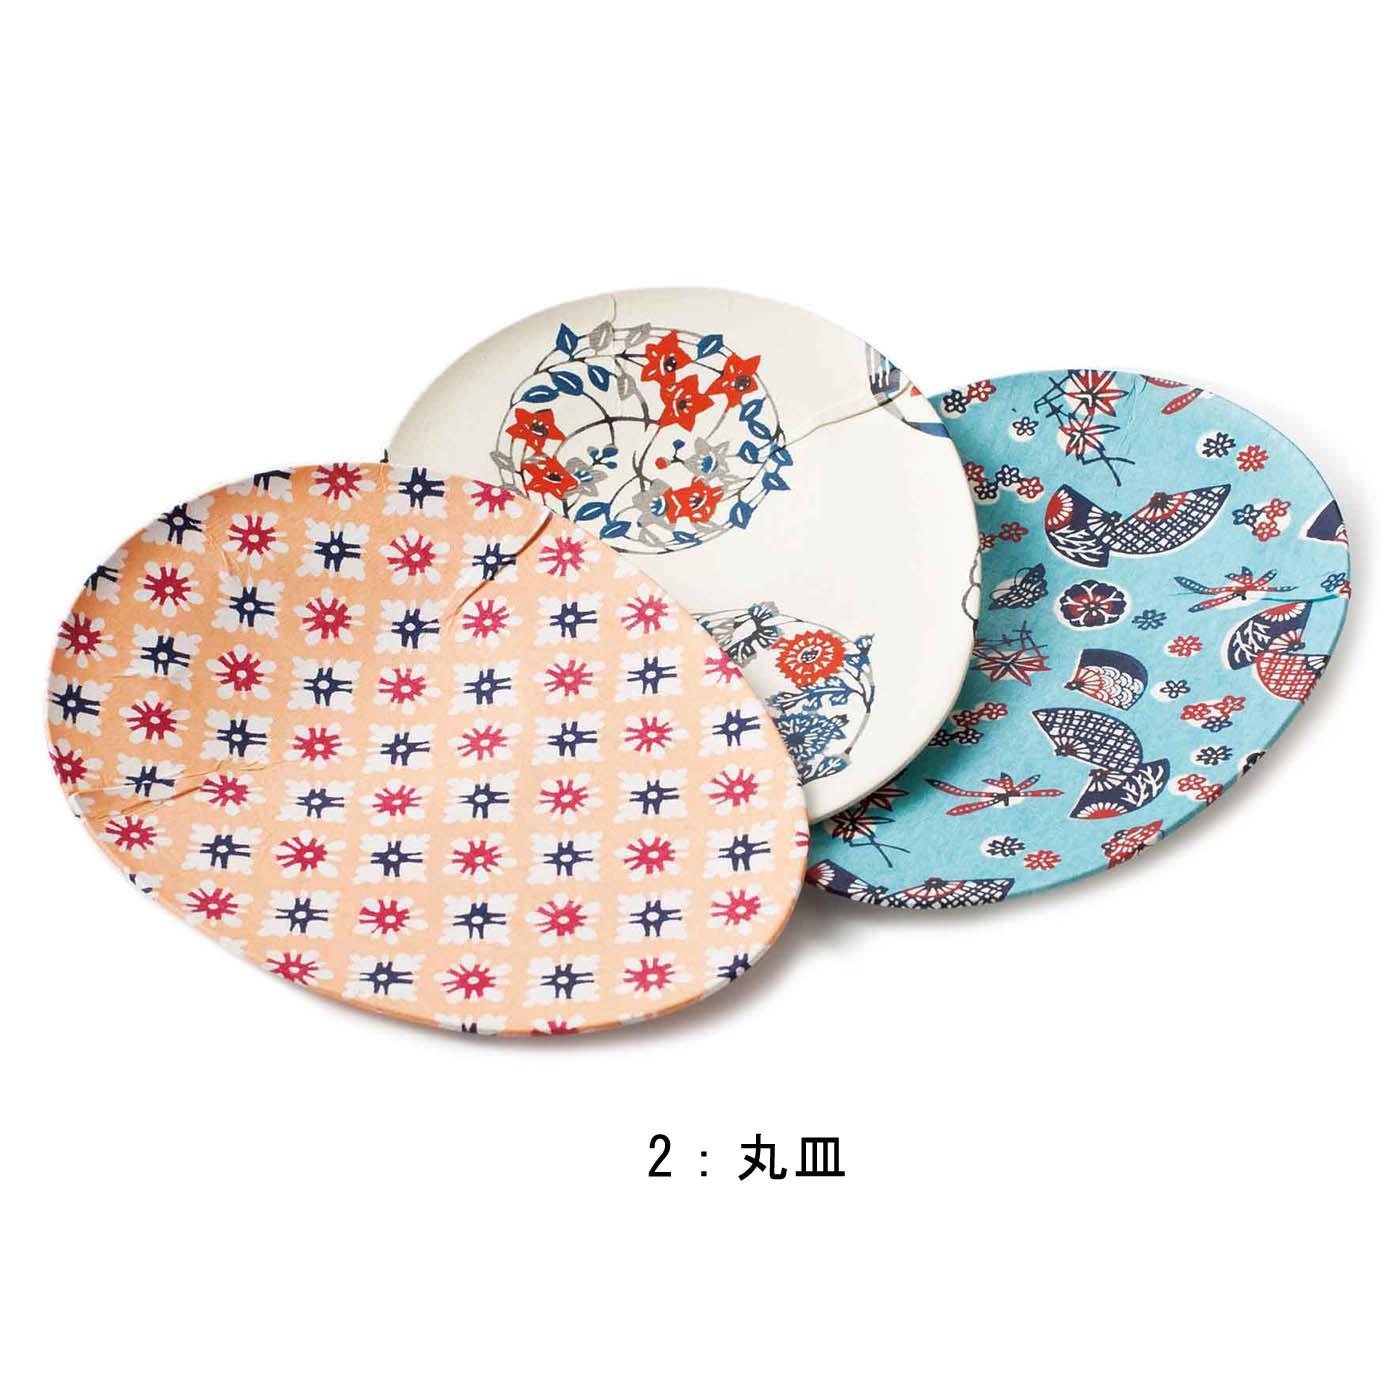 丸皿 3枚(柄違い):紙(水蝋コーティング) 縦約22cm、横約15.5cm